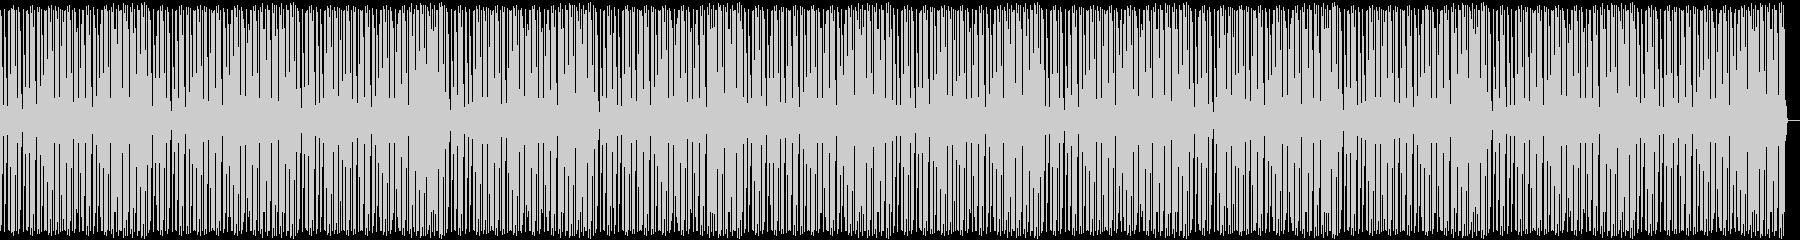 ポンポンポンビートの未再生の波形